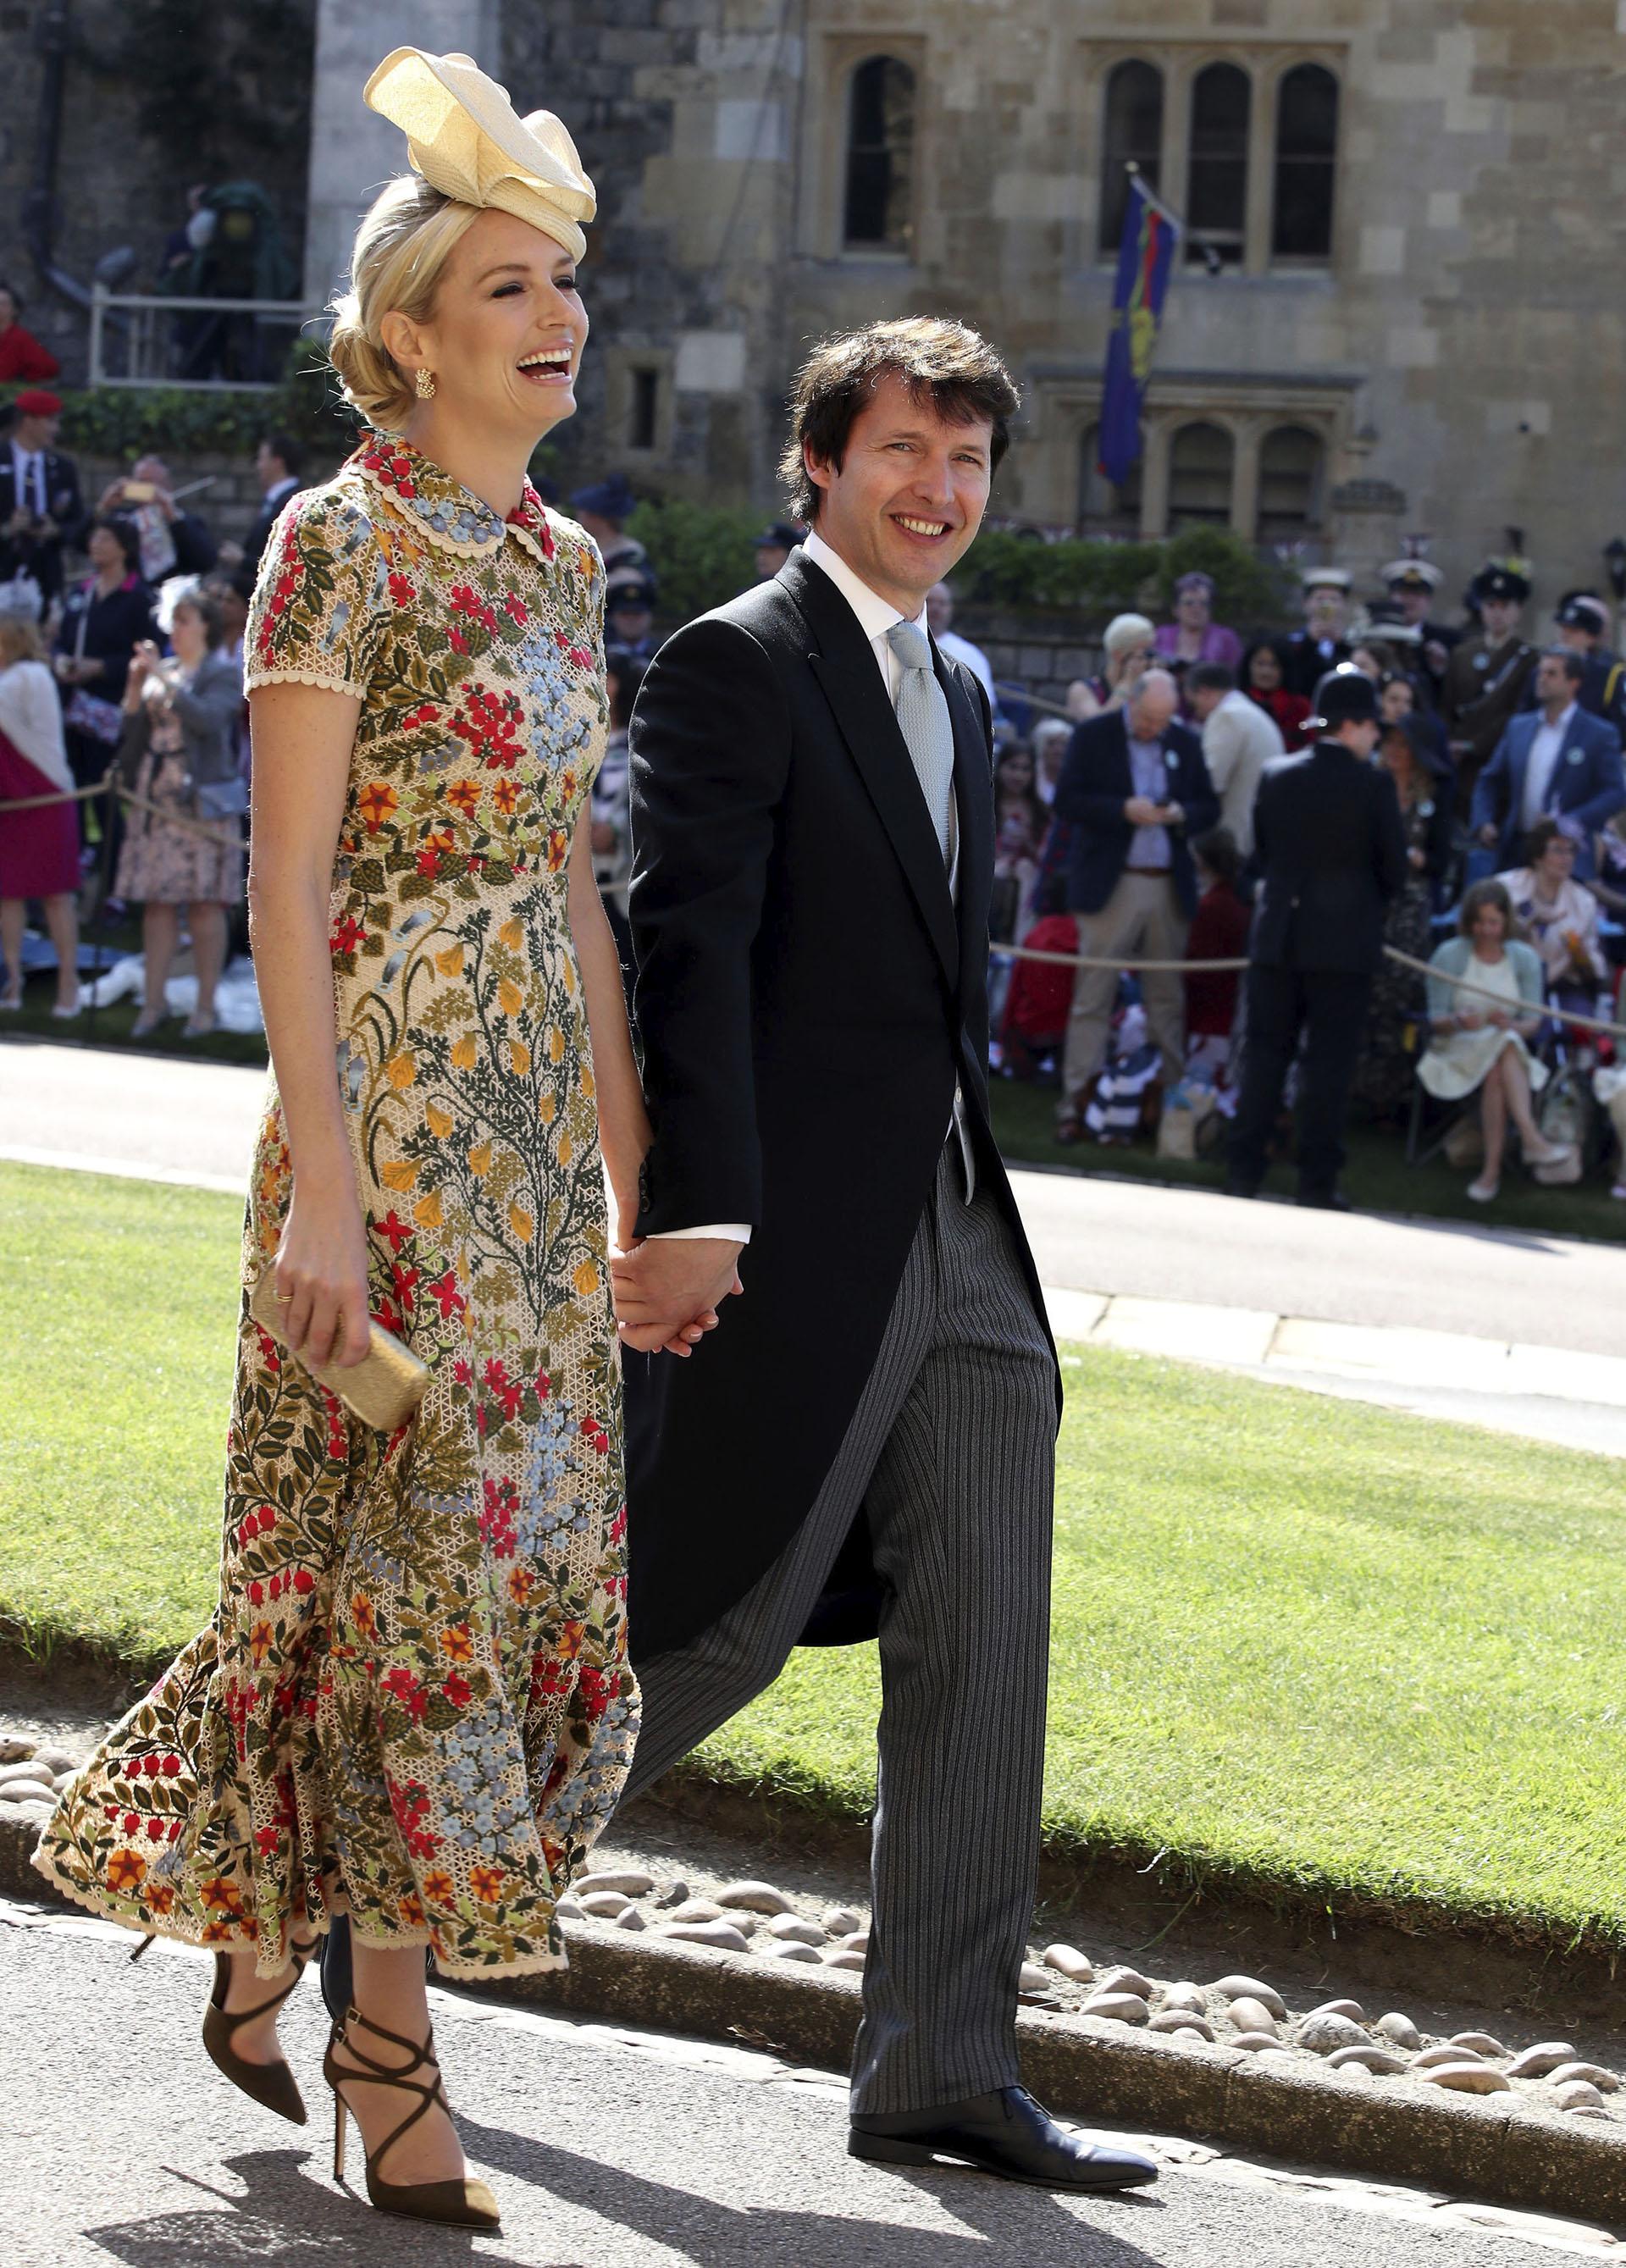 El cantante James Blunt y su esposa Sofia Wellesley entre los famosos invitados de Meghan Markle y el príncipe Harry